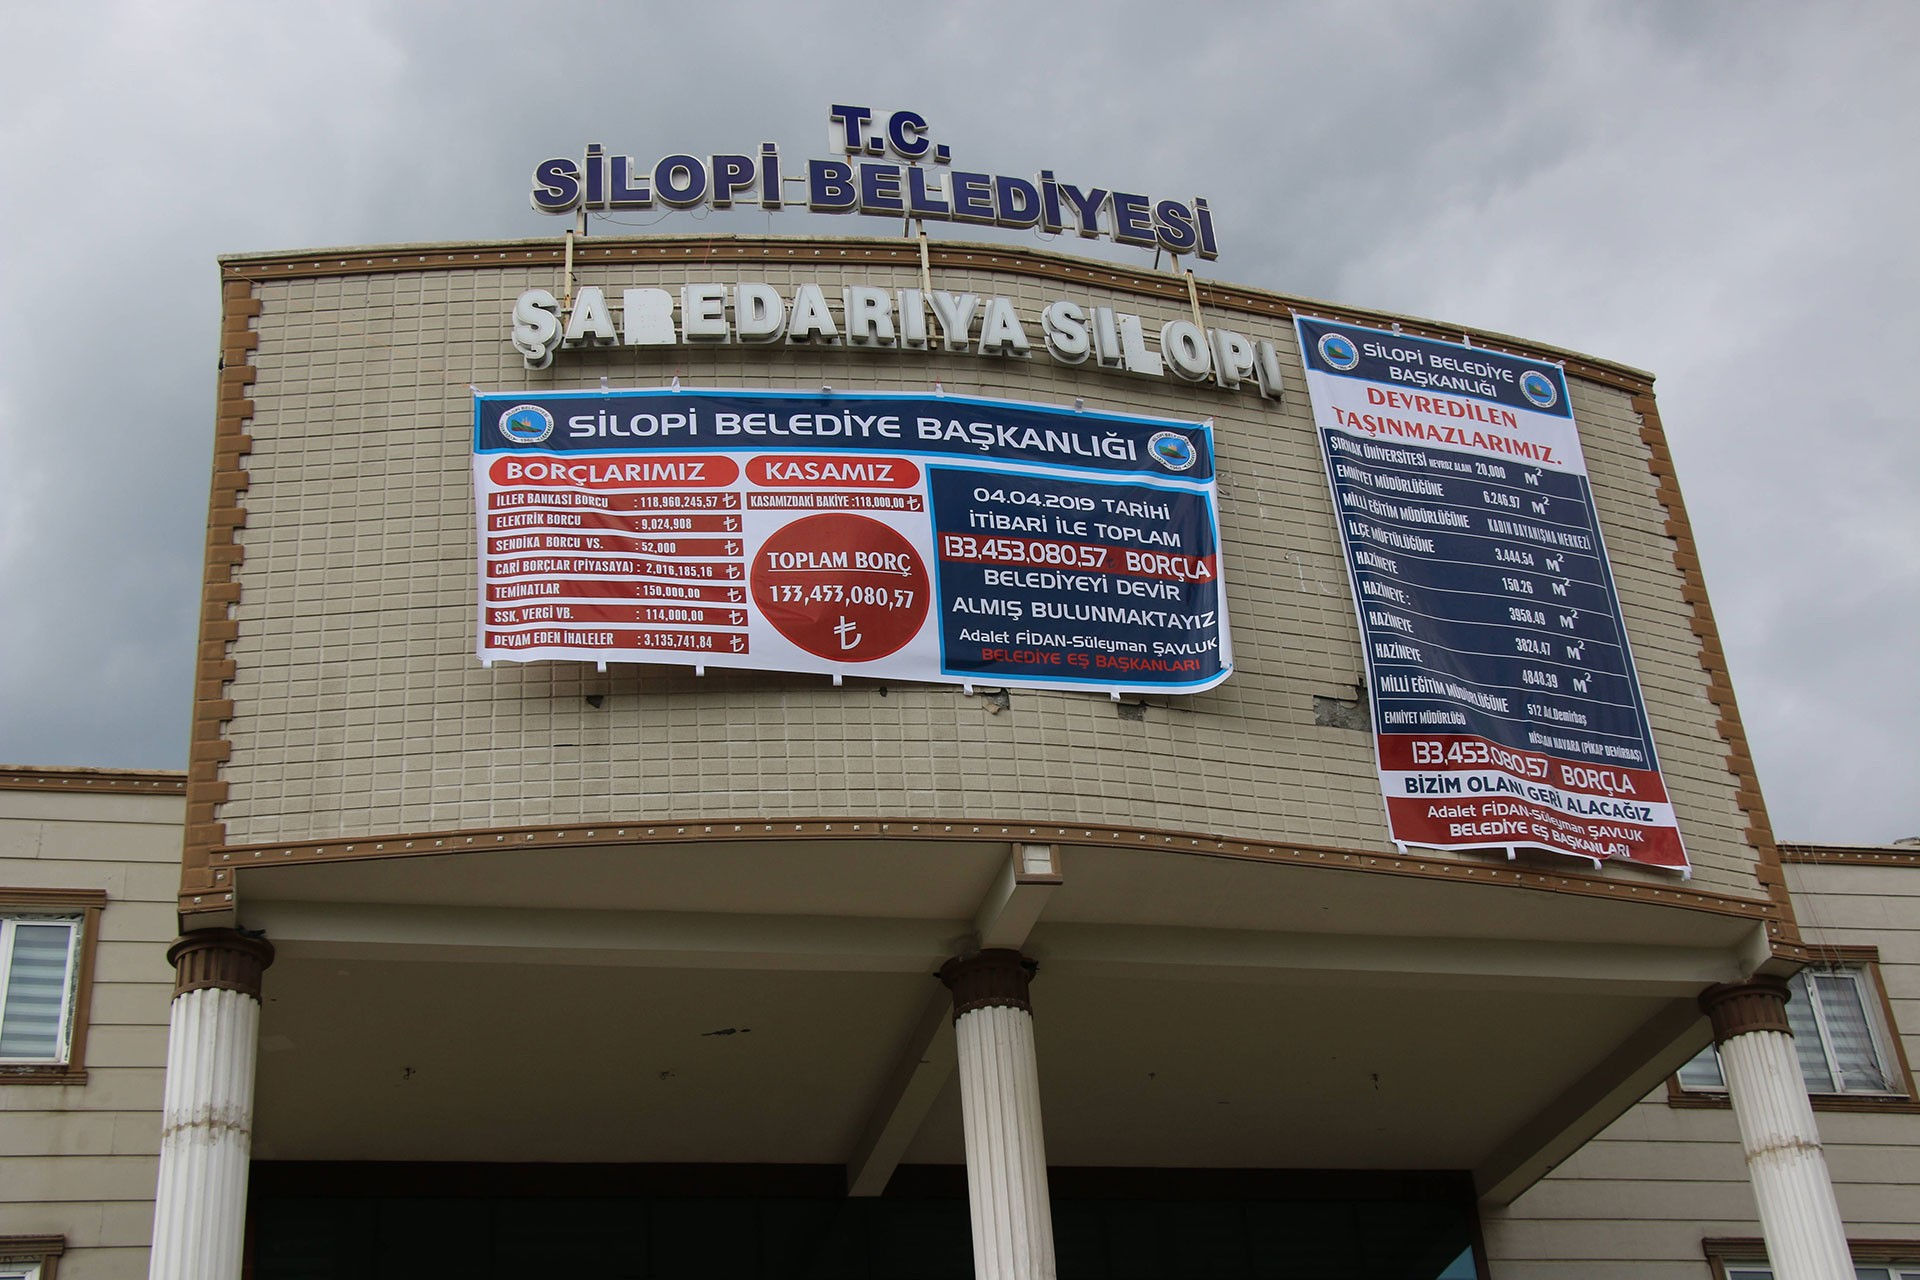 Silopi Belediyesi taşınmazların devri kararını iptal etti: Dava açacağız